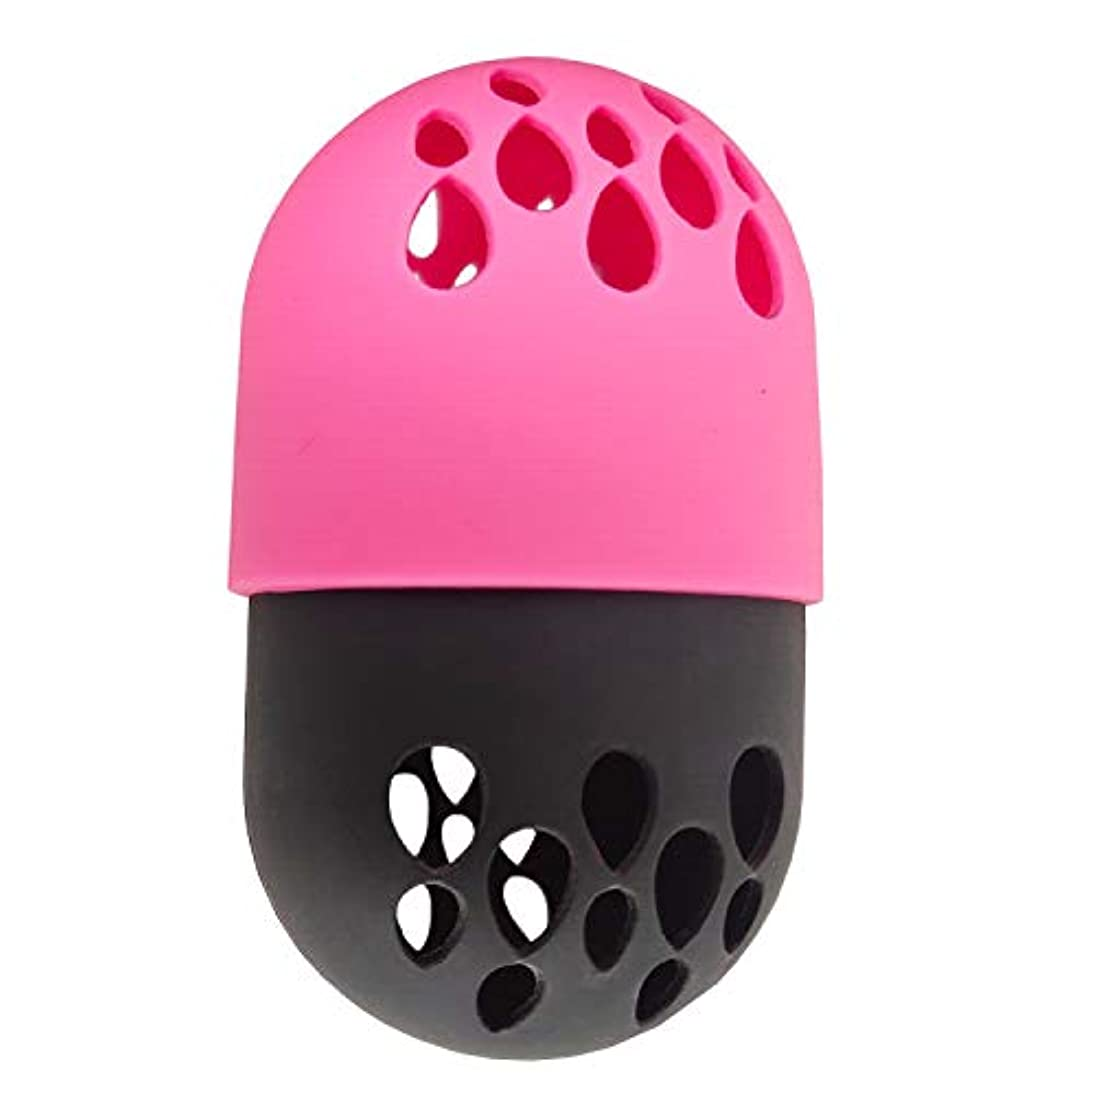 ウェイトレス名前を作る自転車美容スポンジ収納ケース、通気性を柔らか美容スポンジ シリコン旅行 キャリングケース、小型軽量 あらゆる化粧スポンジ適用 (ピンク)